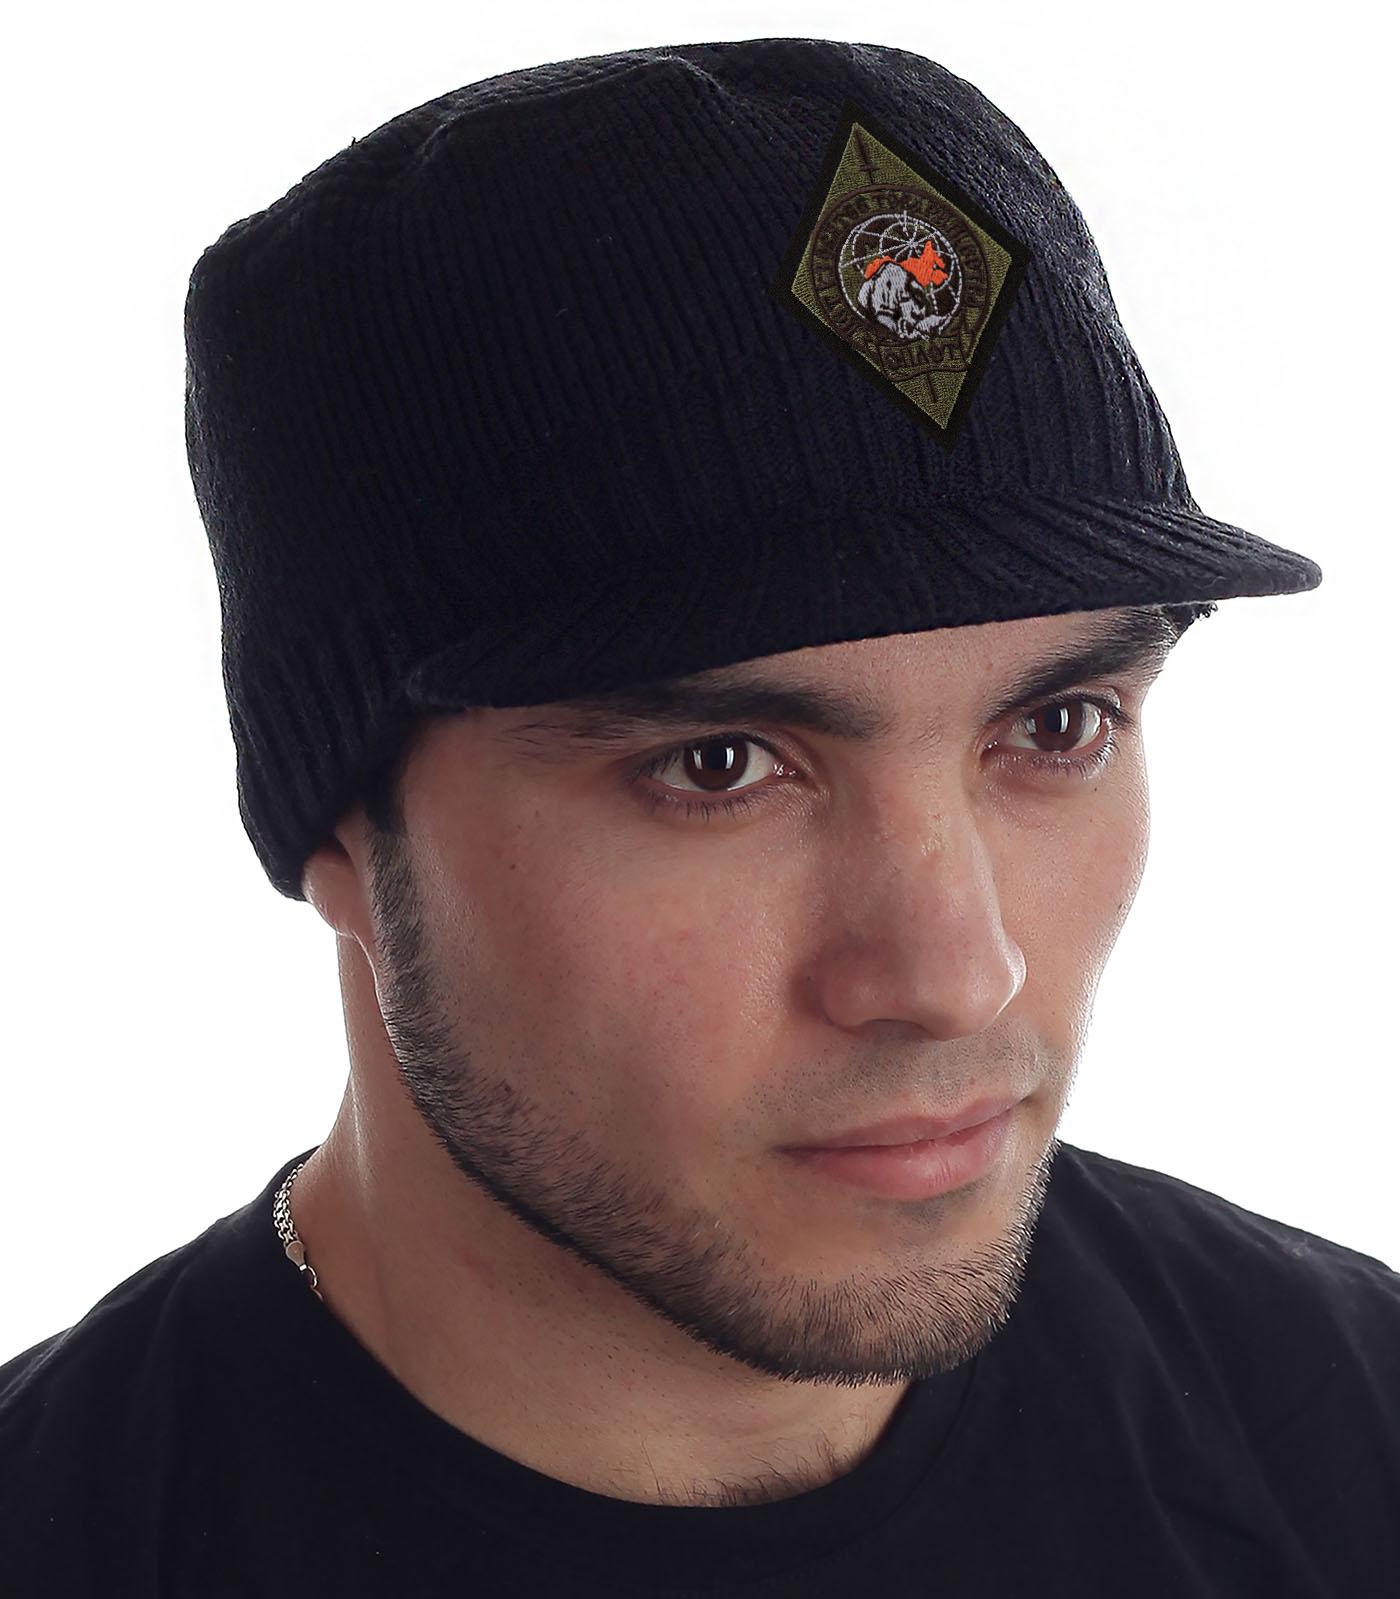 Купить оригинальную кепку-шапку Miller Way с нашивкой ОПЛОТ с доставкой или самовывозом